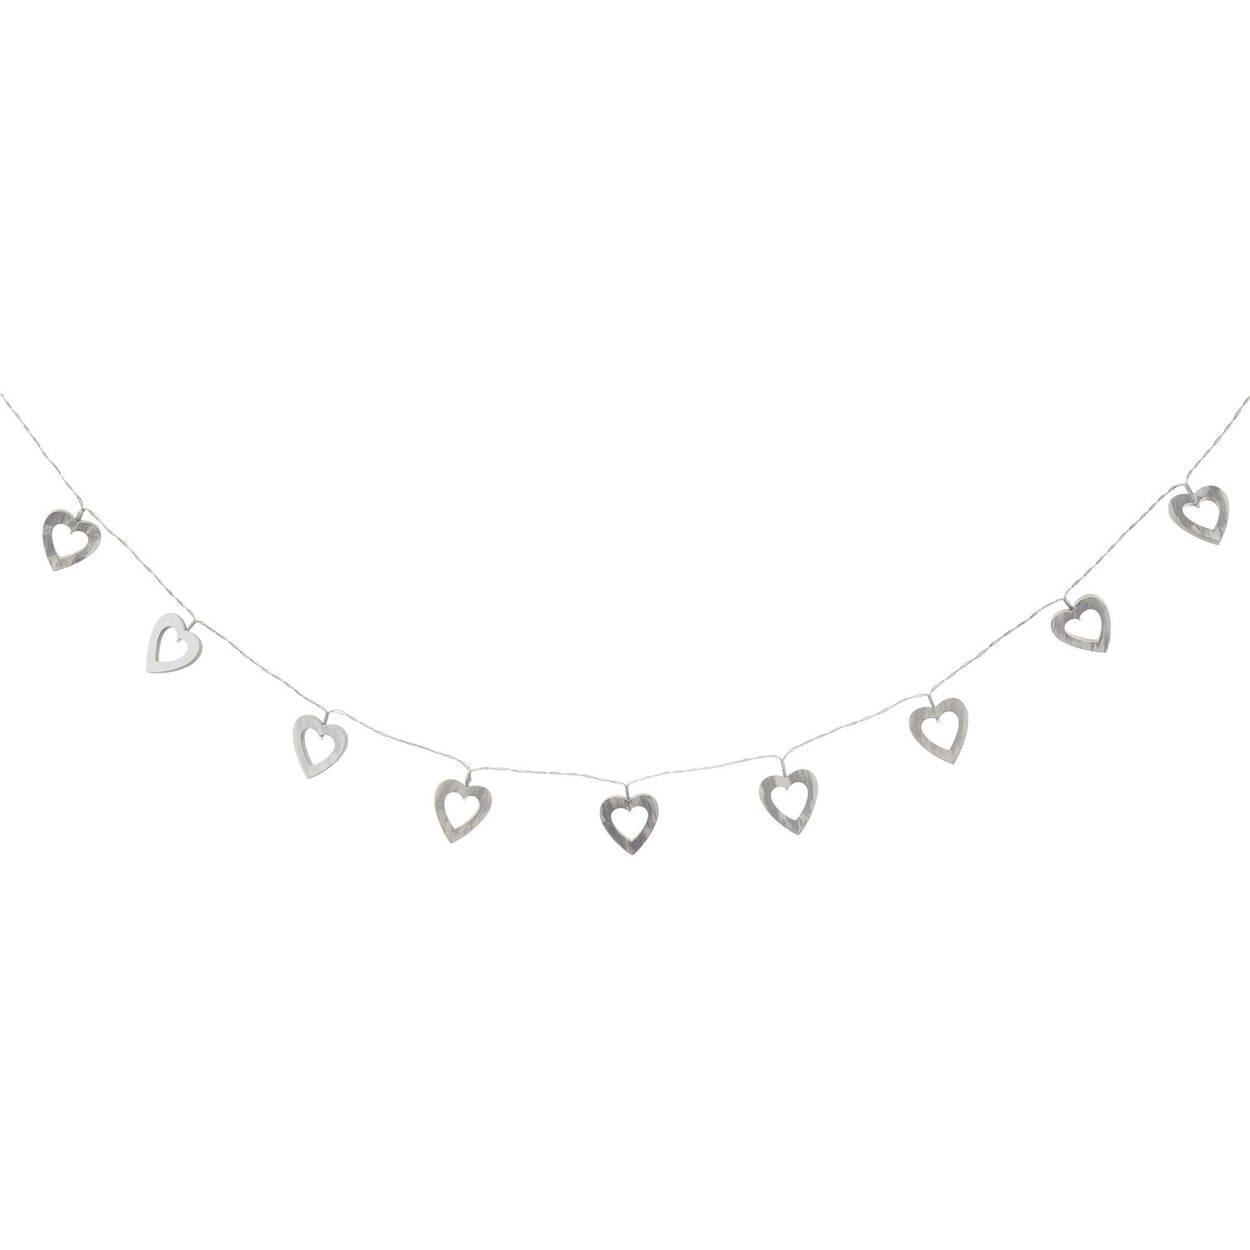 Heart String Lights